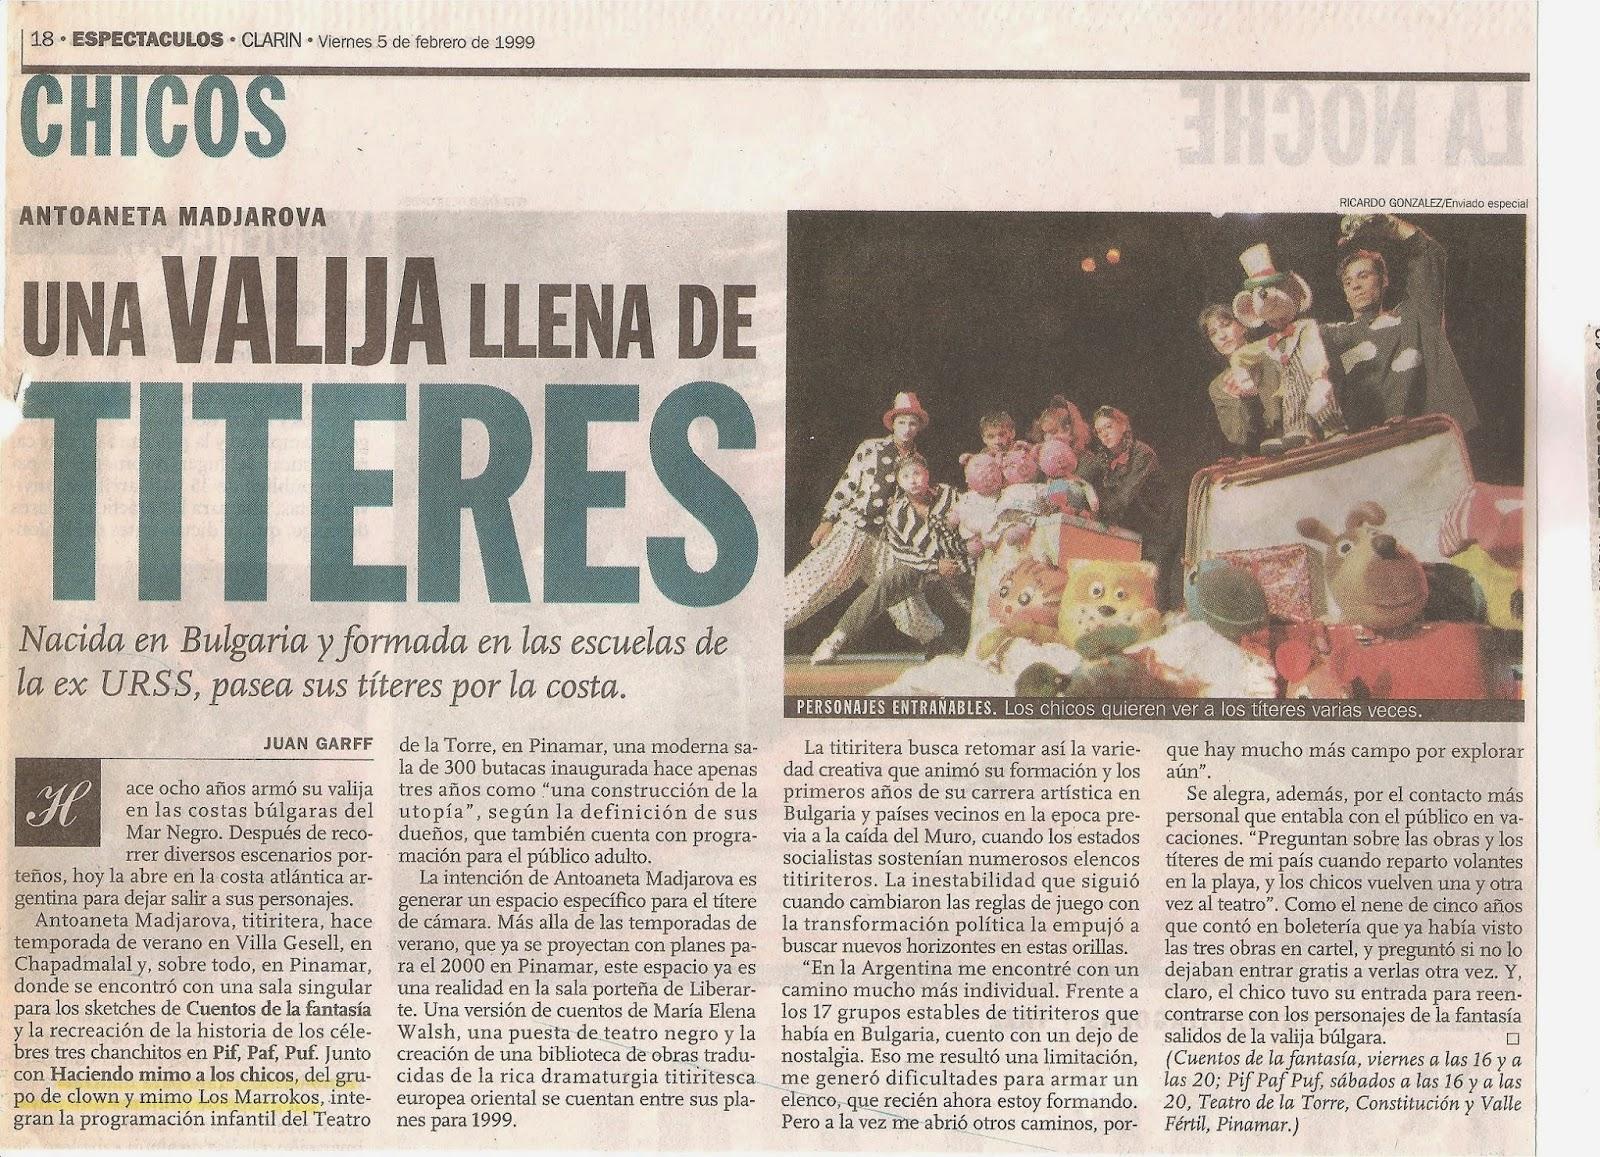 Pablo drigo marzo 2014 for Los espectaculos de hoy